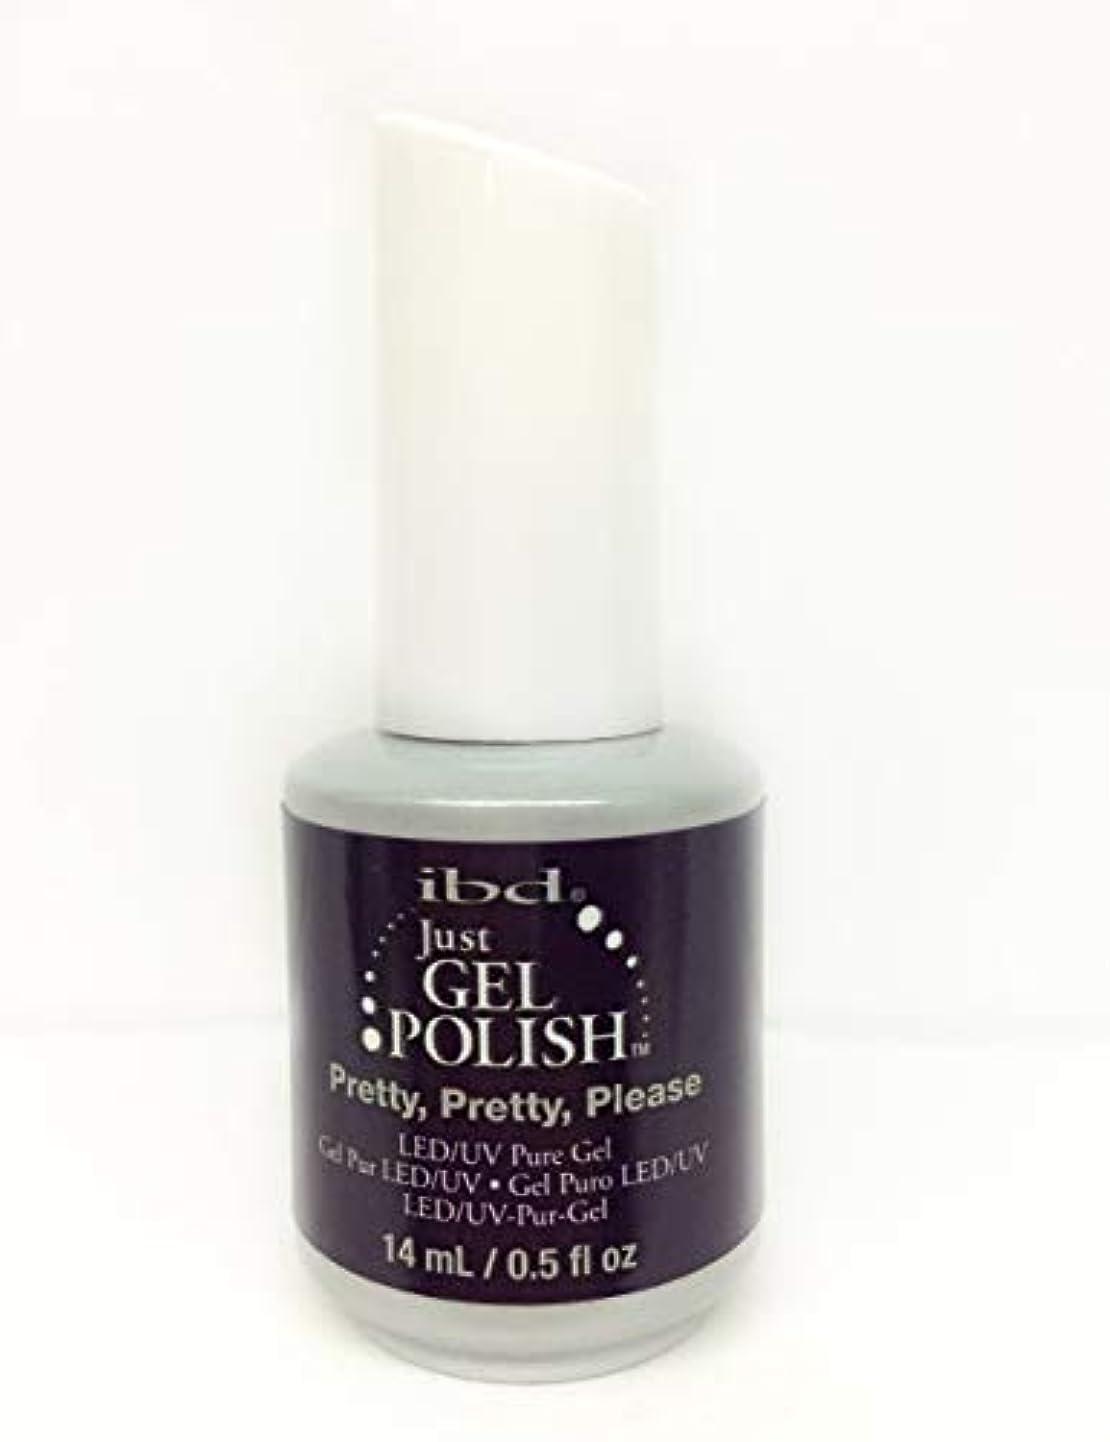 社会科代表する津波ibd Just Gel Nail Polish - Pretty, Pretty, Please - 14ml / 0.5oz